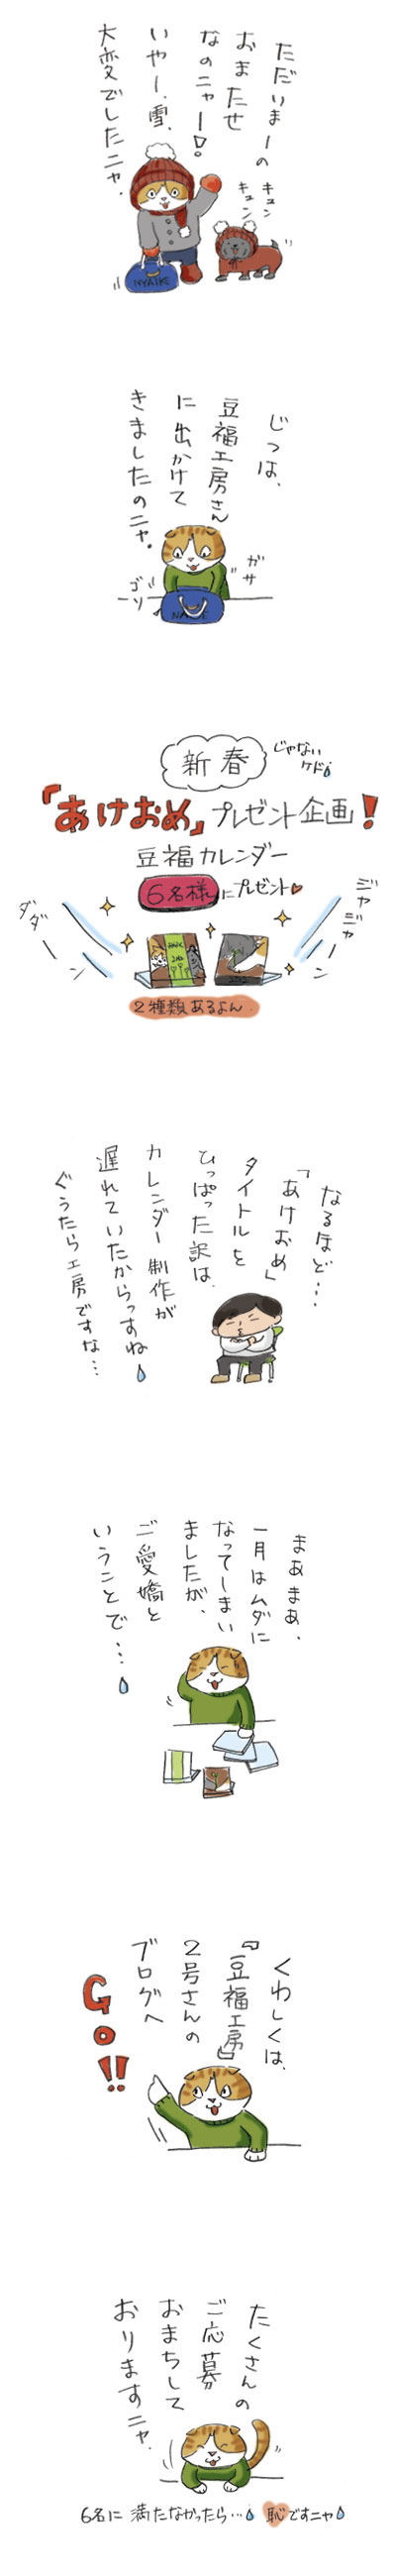 あけおめ企画!